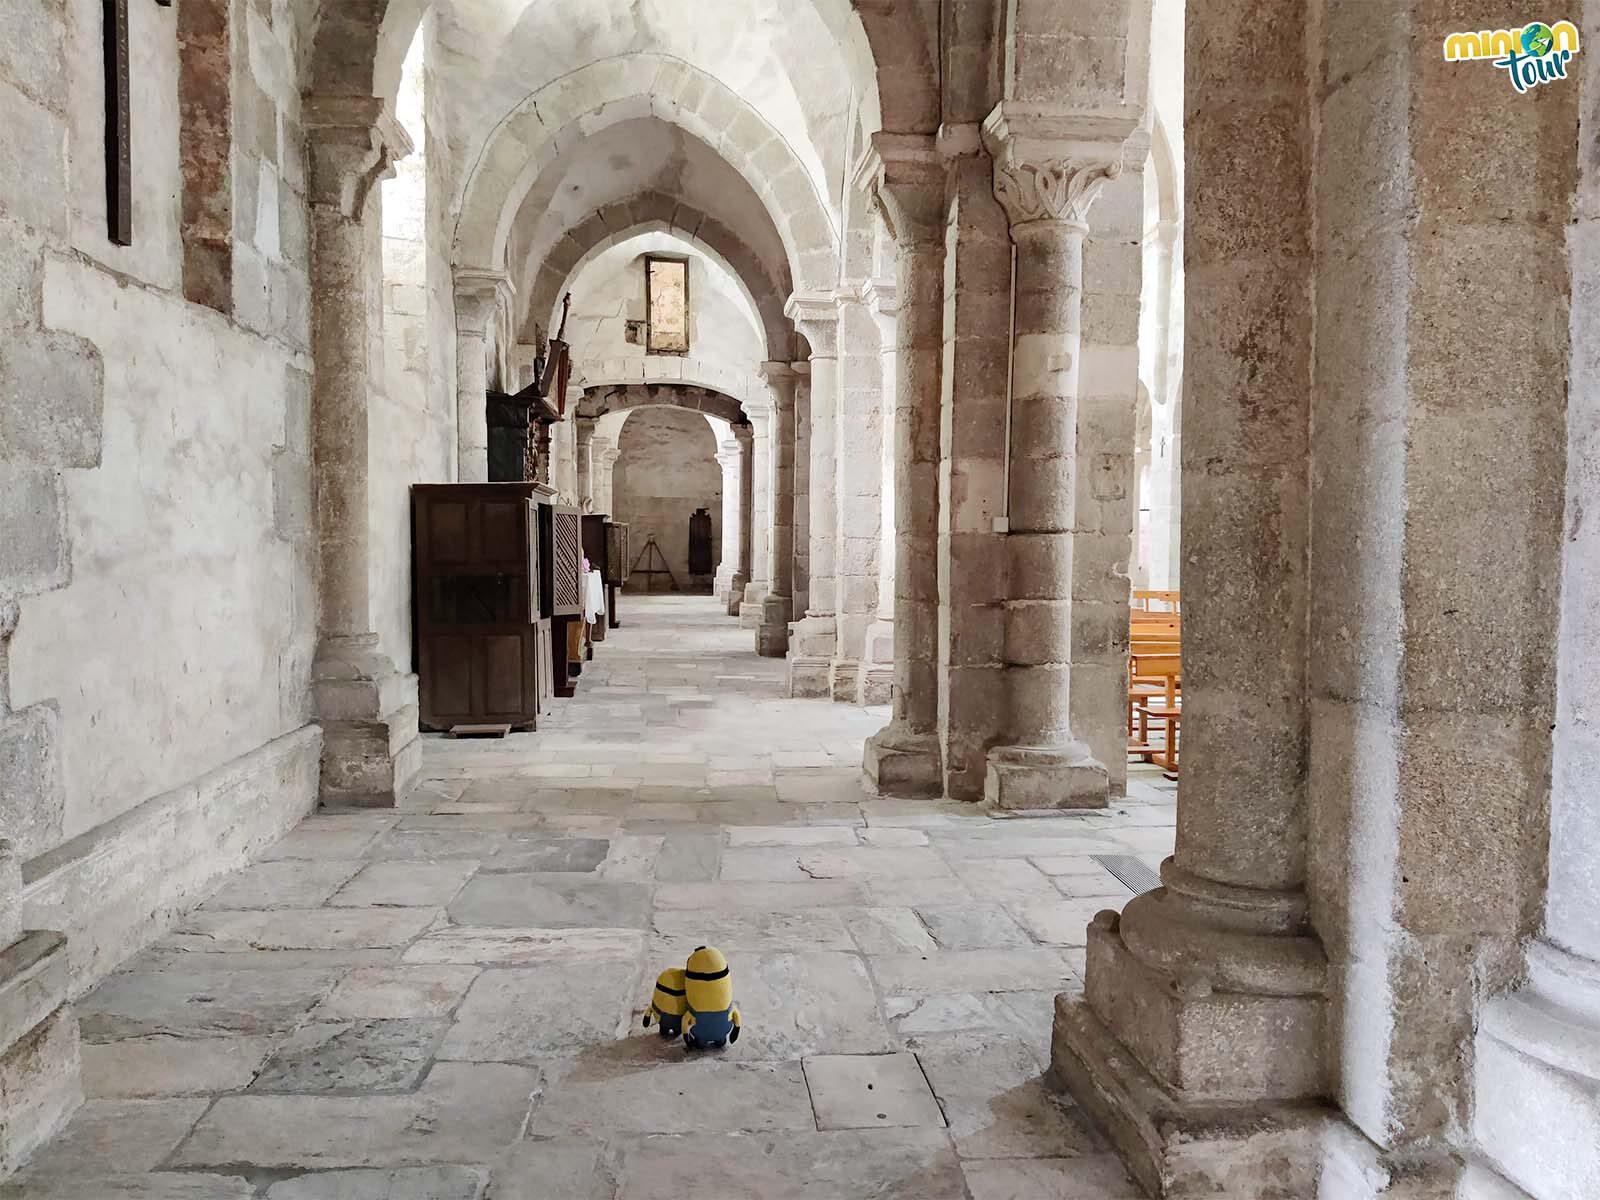 Minions en la iglesia del Monasterio cisterciense de Santa María de Meira